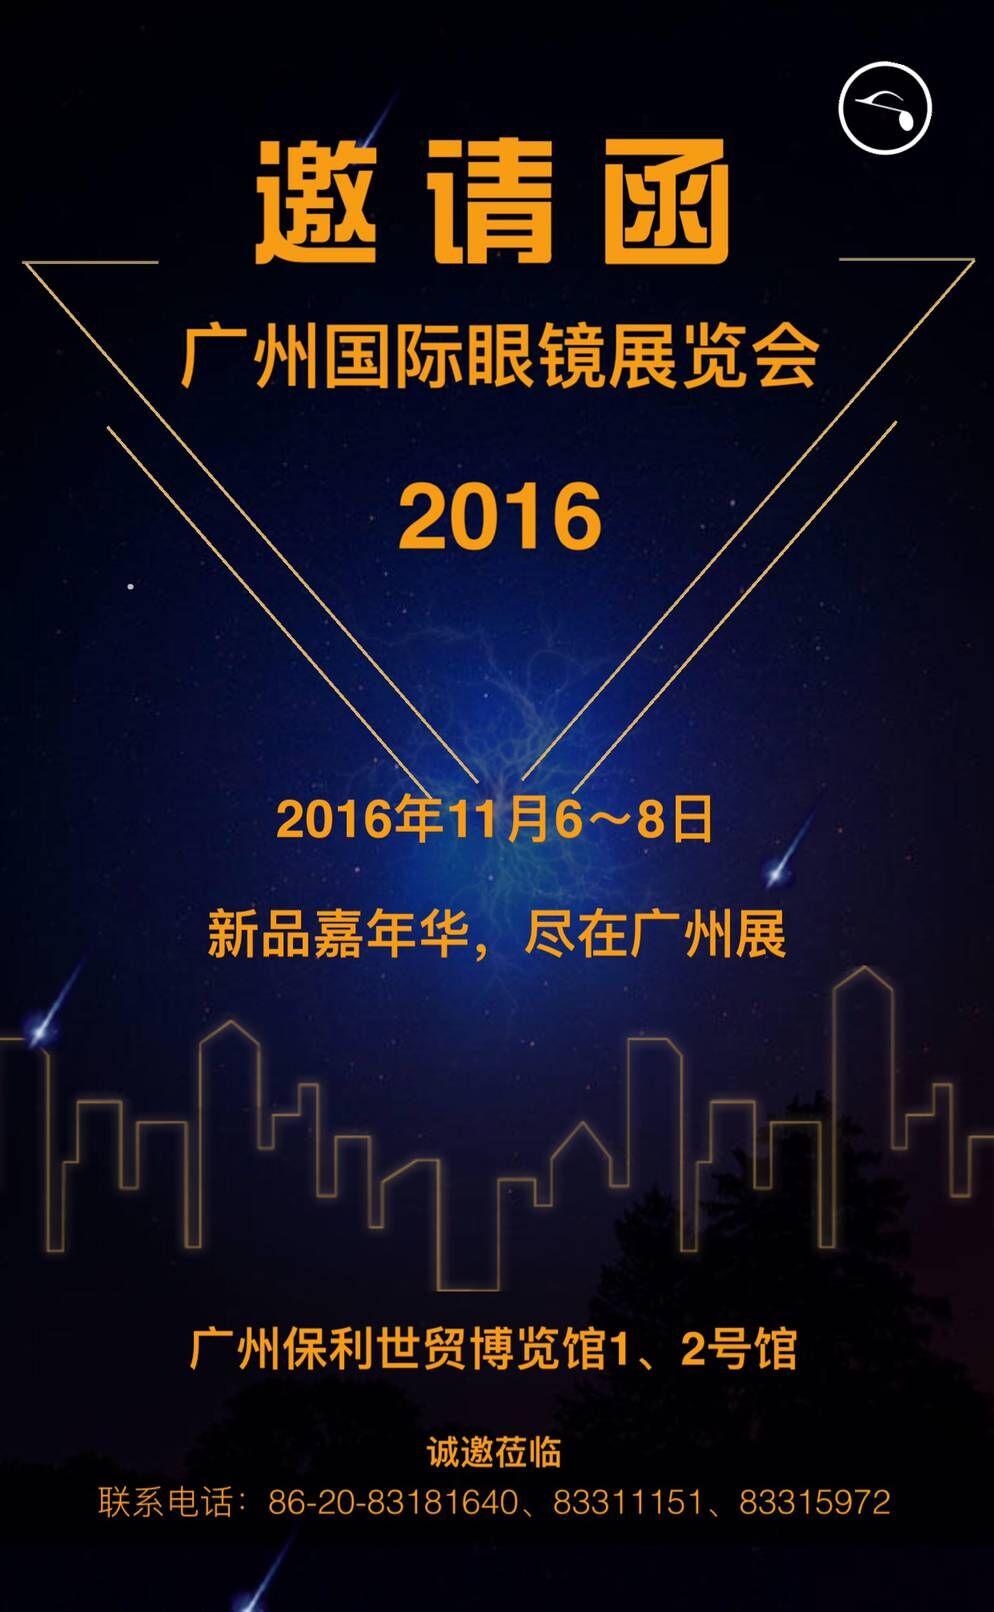 2016广州国际眼镜展蓄势待发